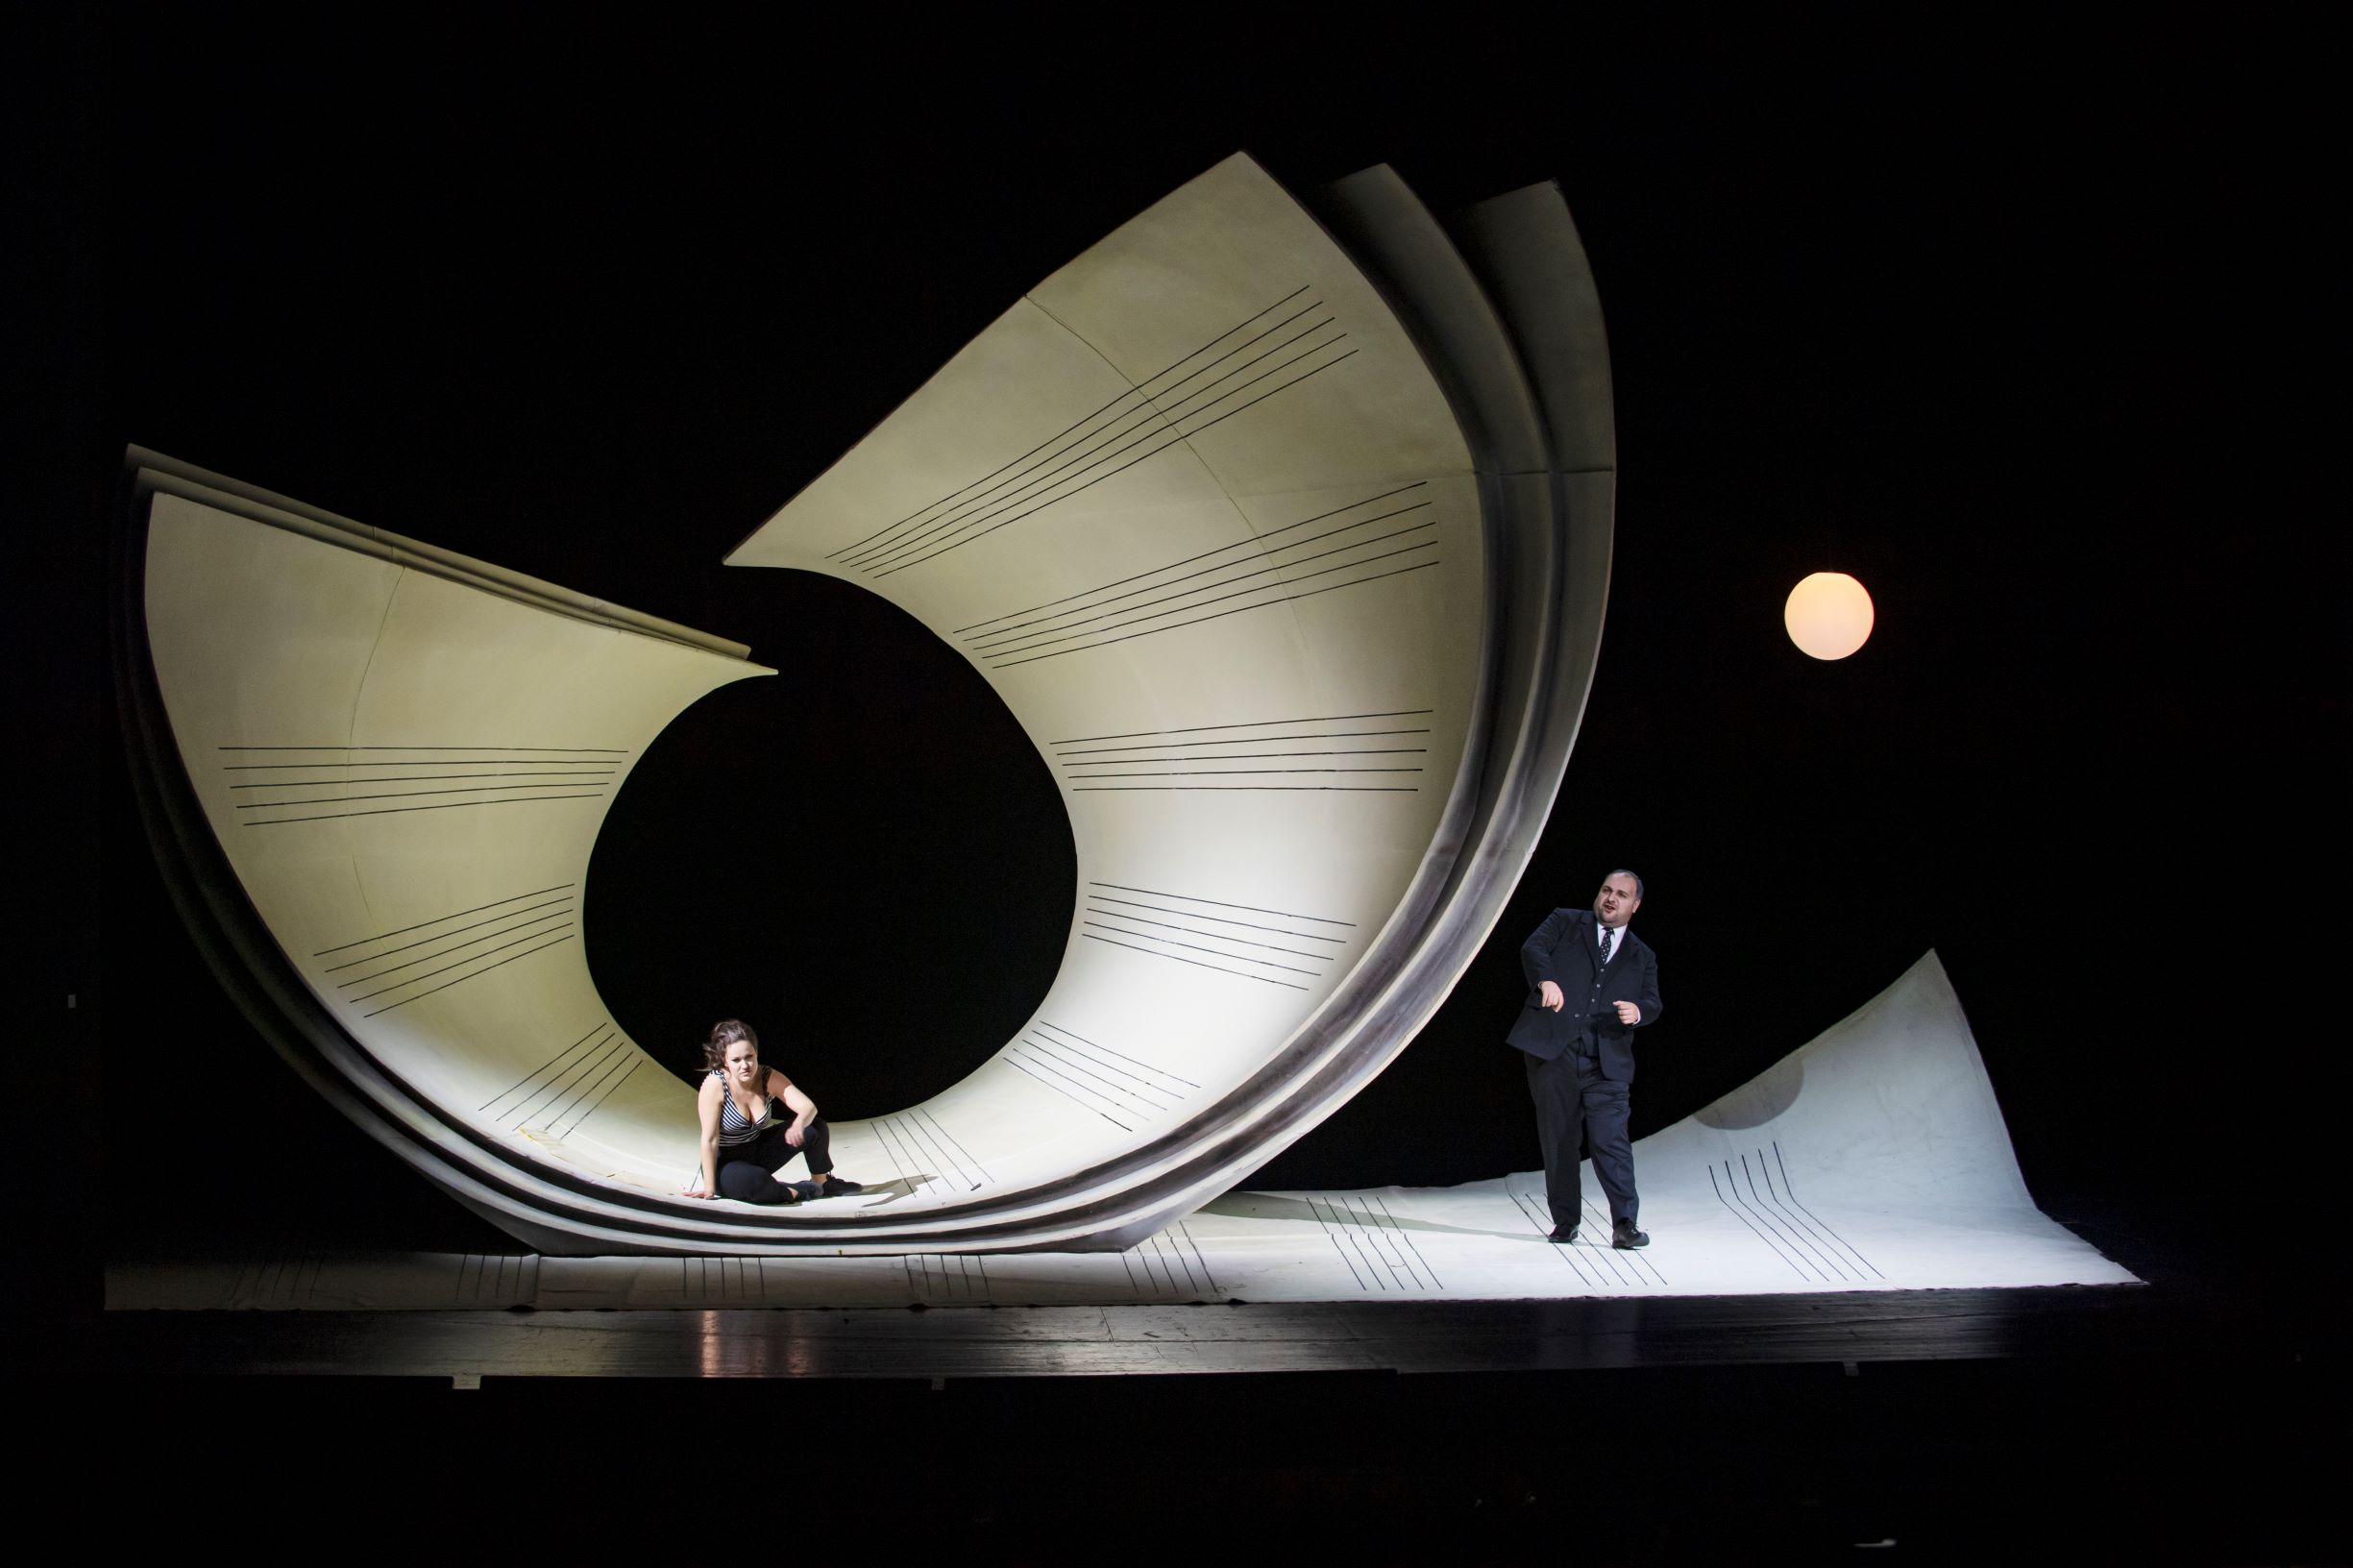 Szene aus il barbiere di siviglia, eine Frau sitzt in einem überdimensionalen, zusammengerollten Notenblatt, daneben steht ein Mann und singt, beide sind schwarz gekleidet